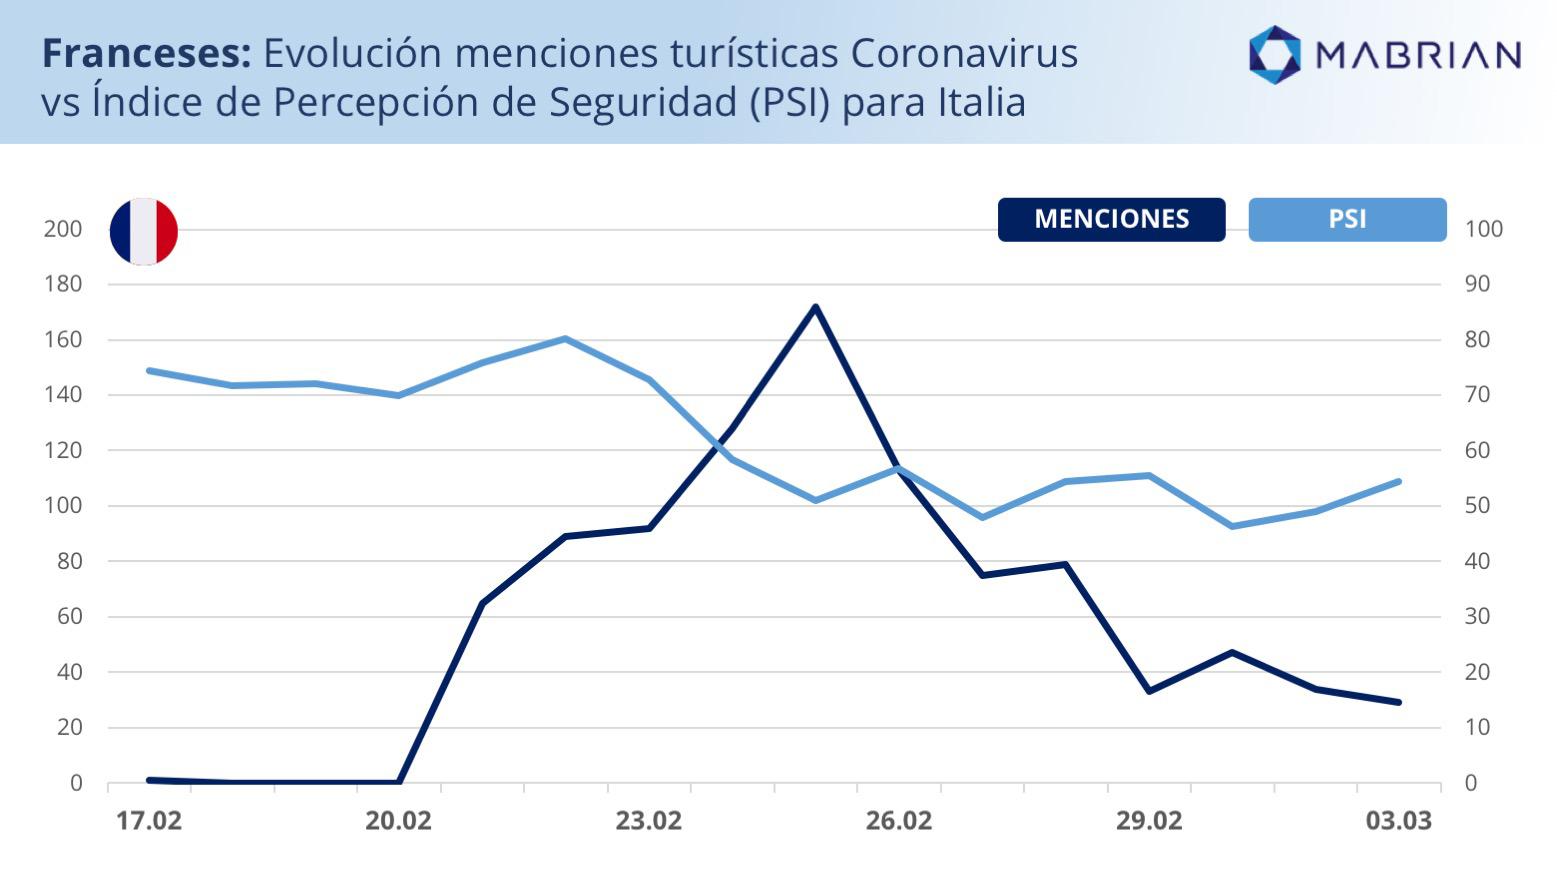 mabrian análisis coronavirus italia